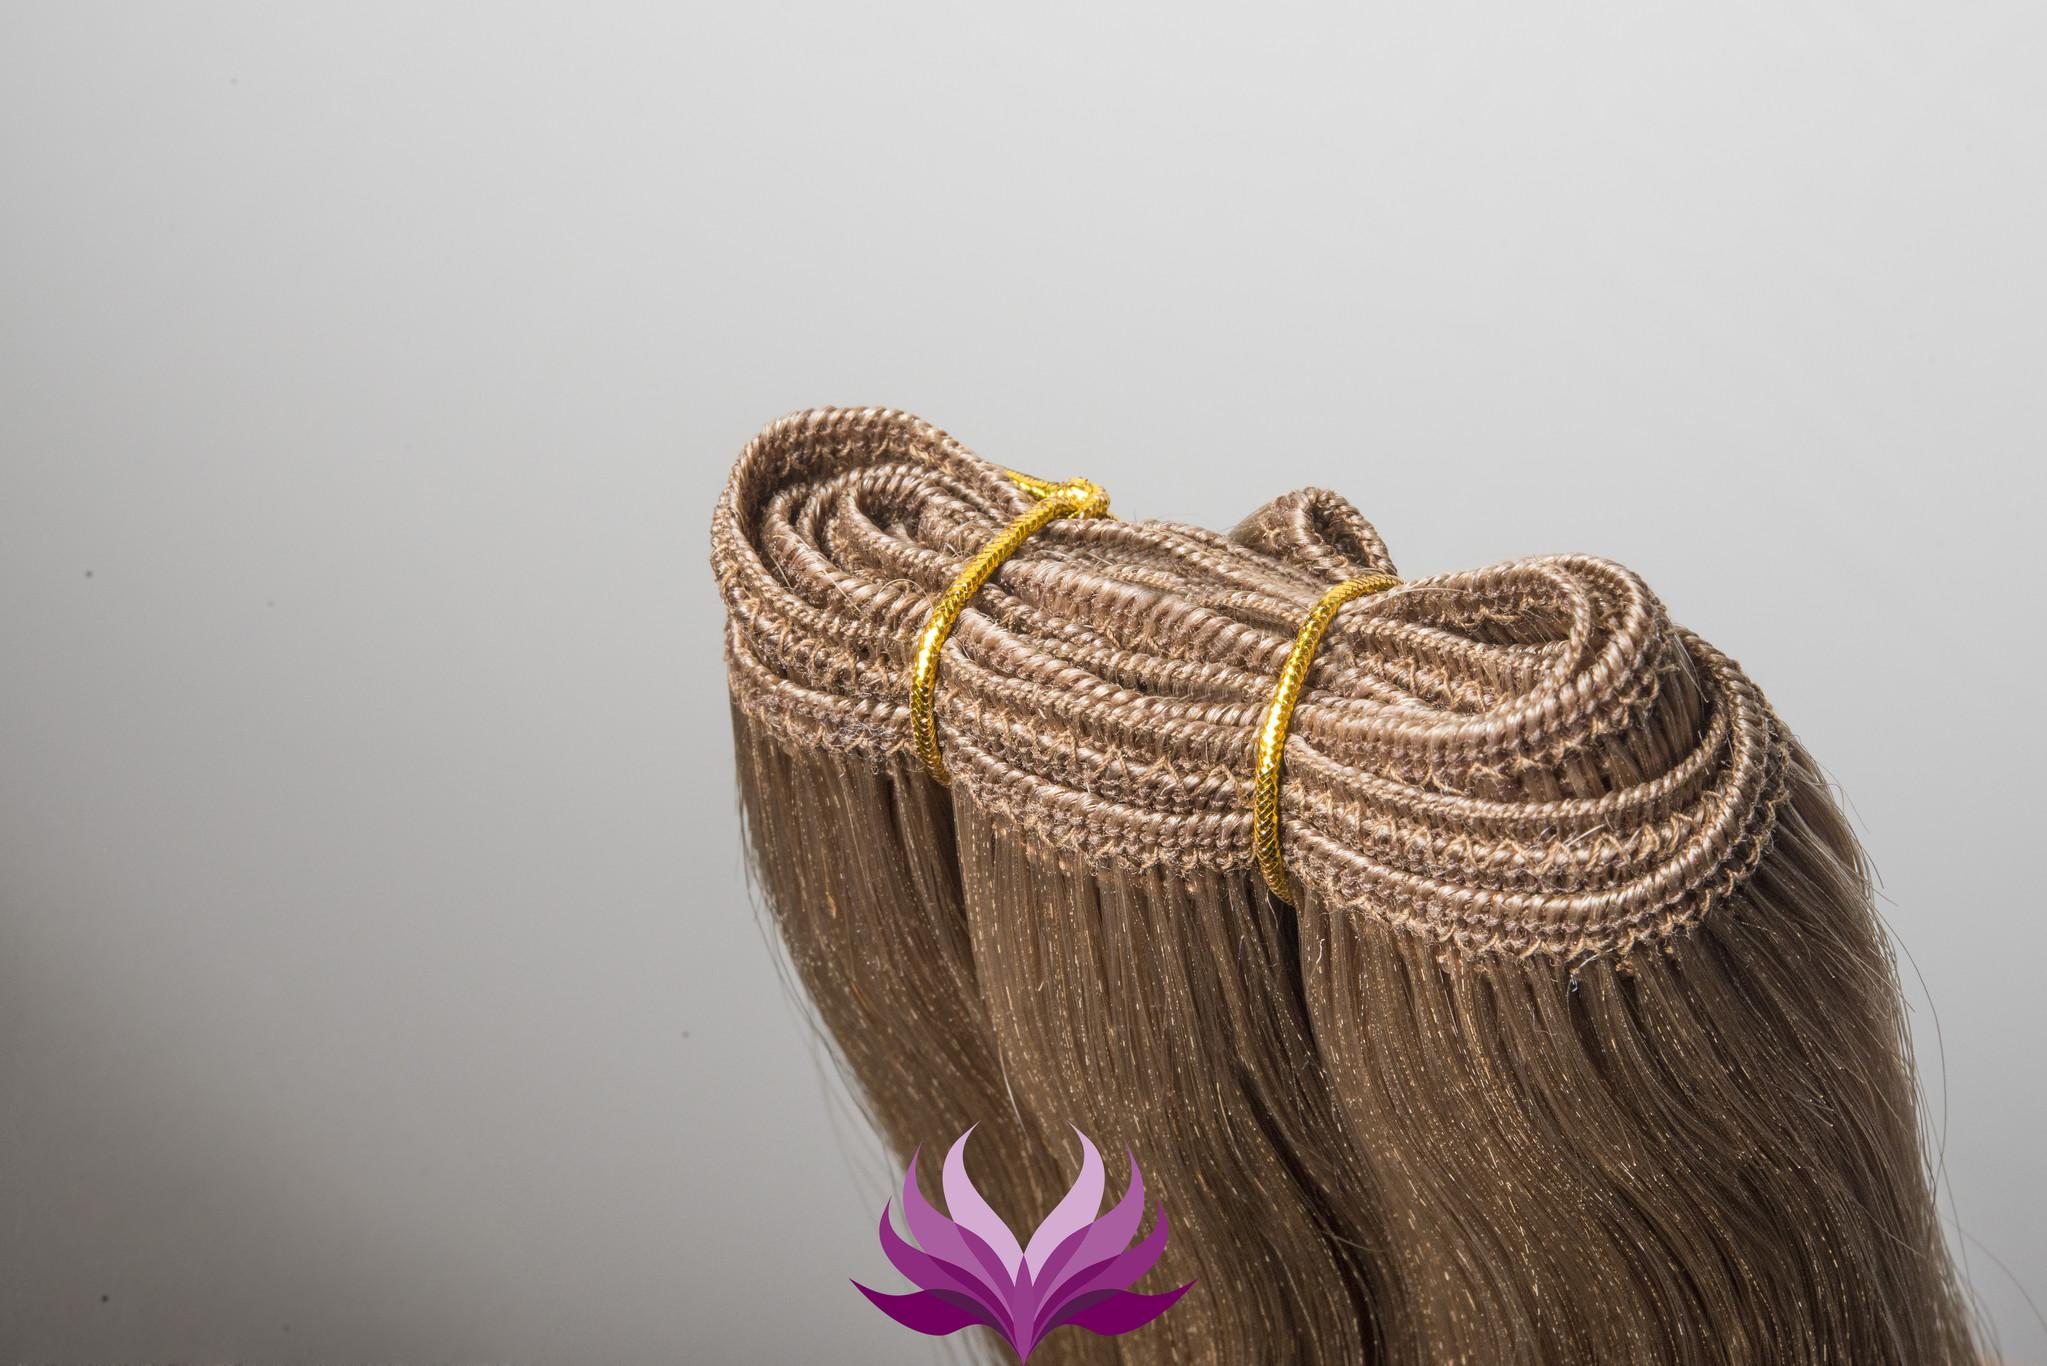 SilverFox Weave - #8 - Cinnamon